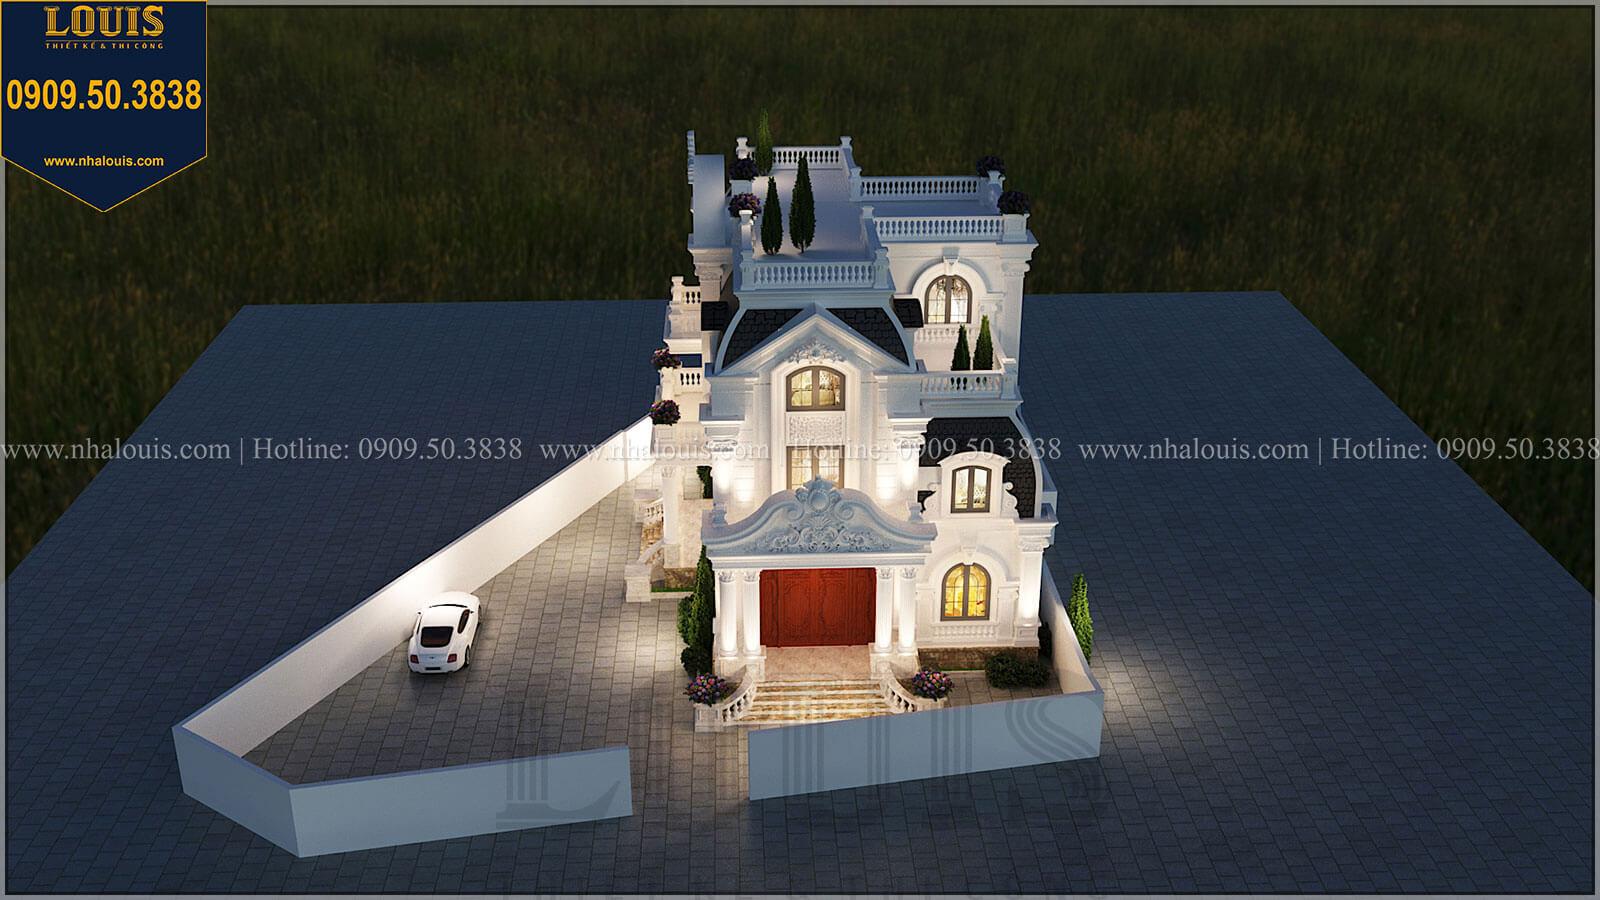 Biệt thự 4 tầng tân cổ điển đẹp lộng lẫy tại Nha Trang - 04